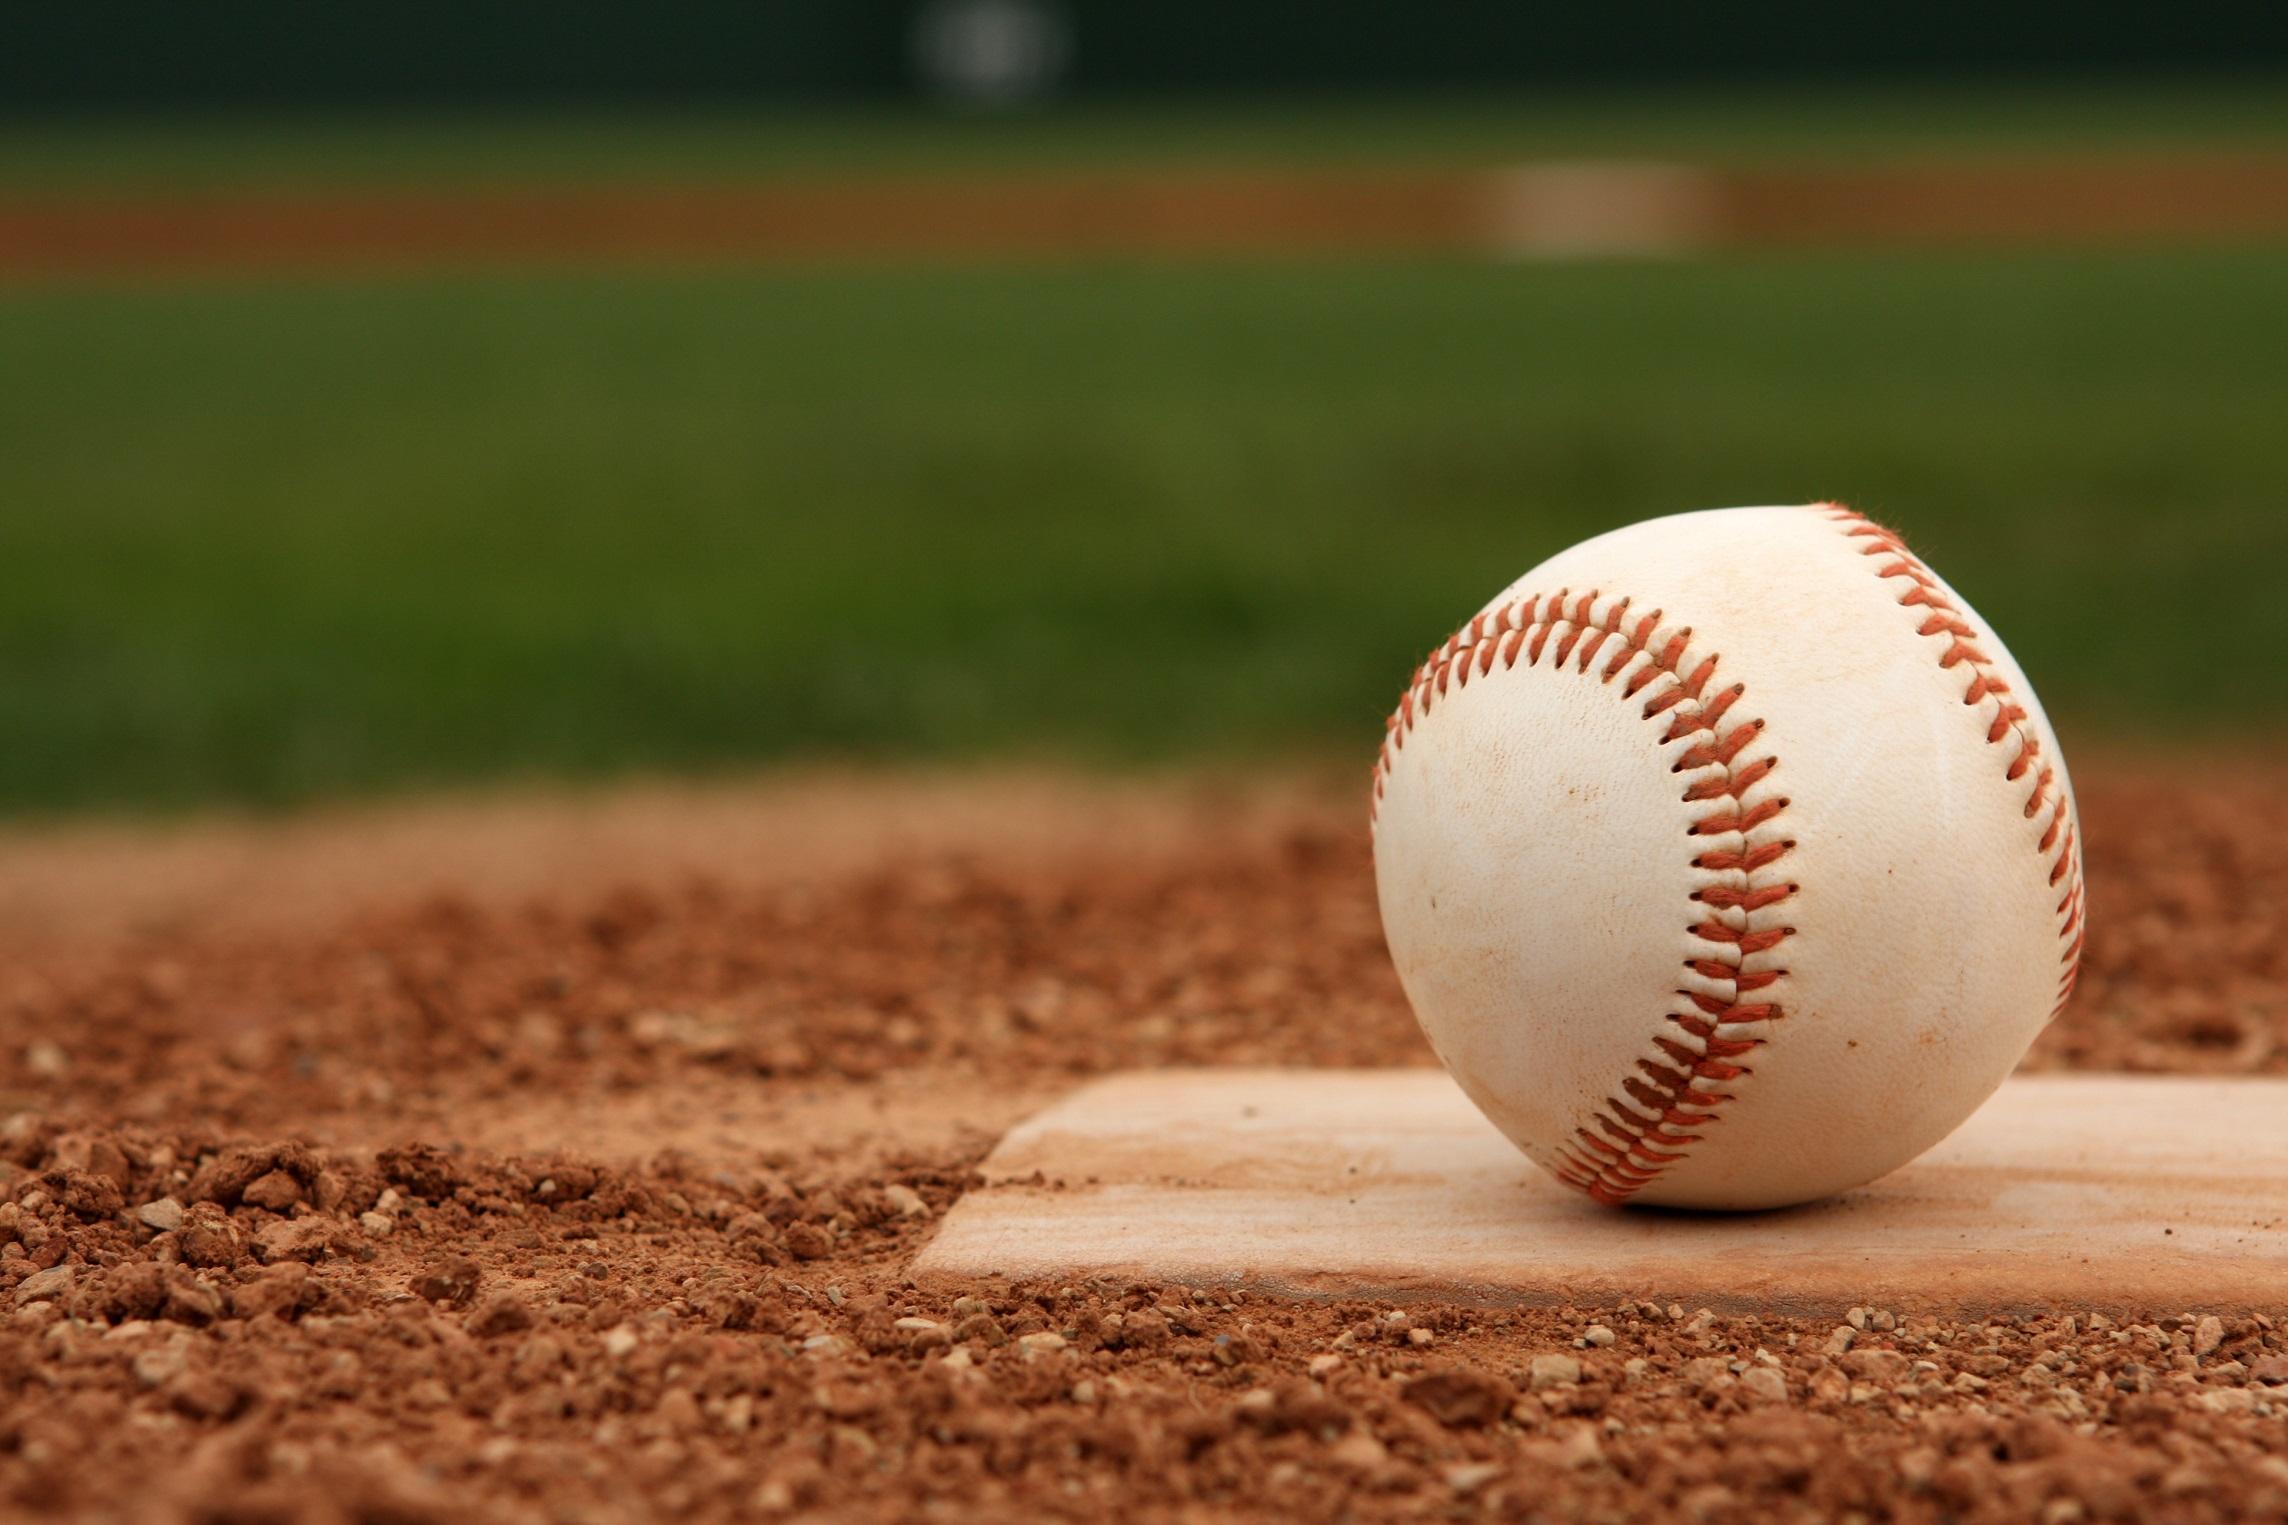 Chauffeur Services_Baseball